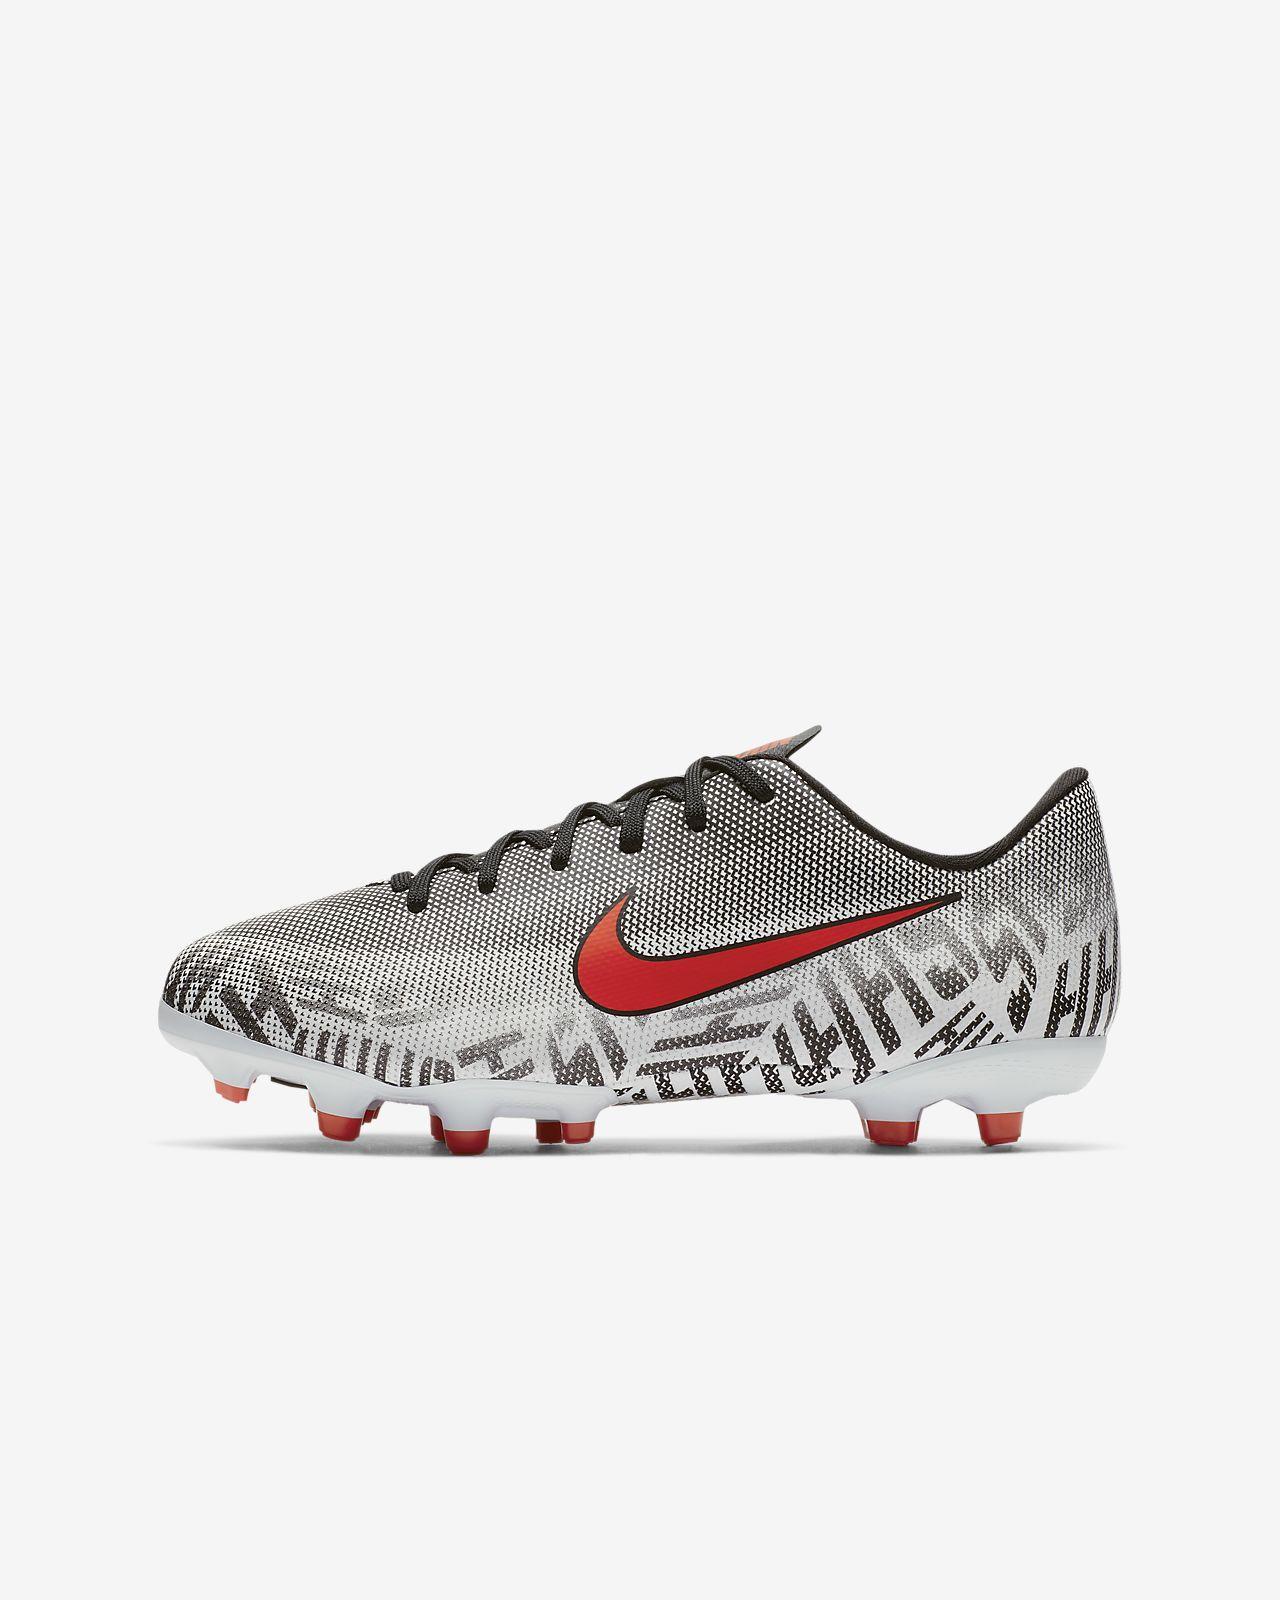 buy online f5c98 8fffc ... Calzado de fútbol para múltiples superficies para niños talla  pequeñagrande Nike Jr. Mercurial